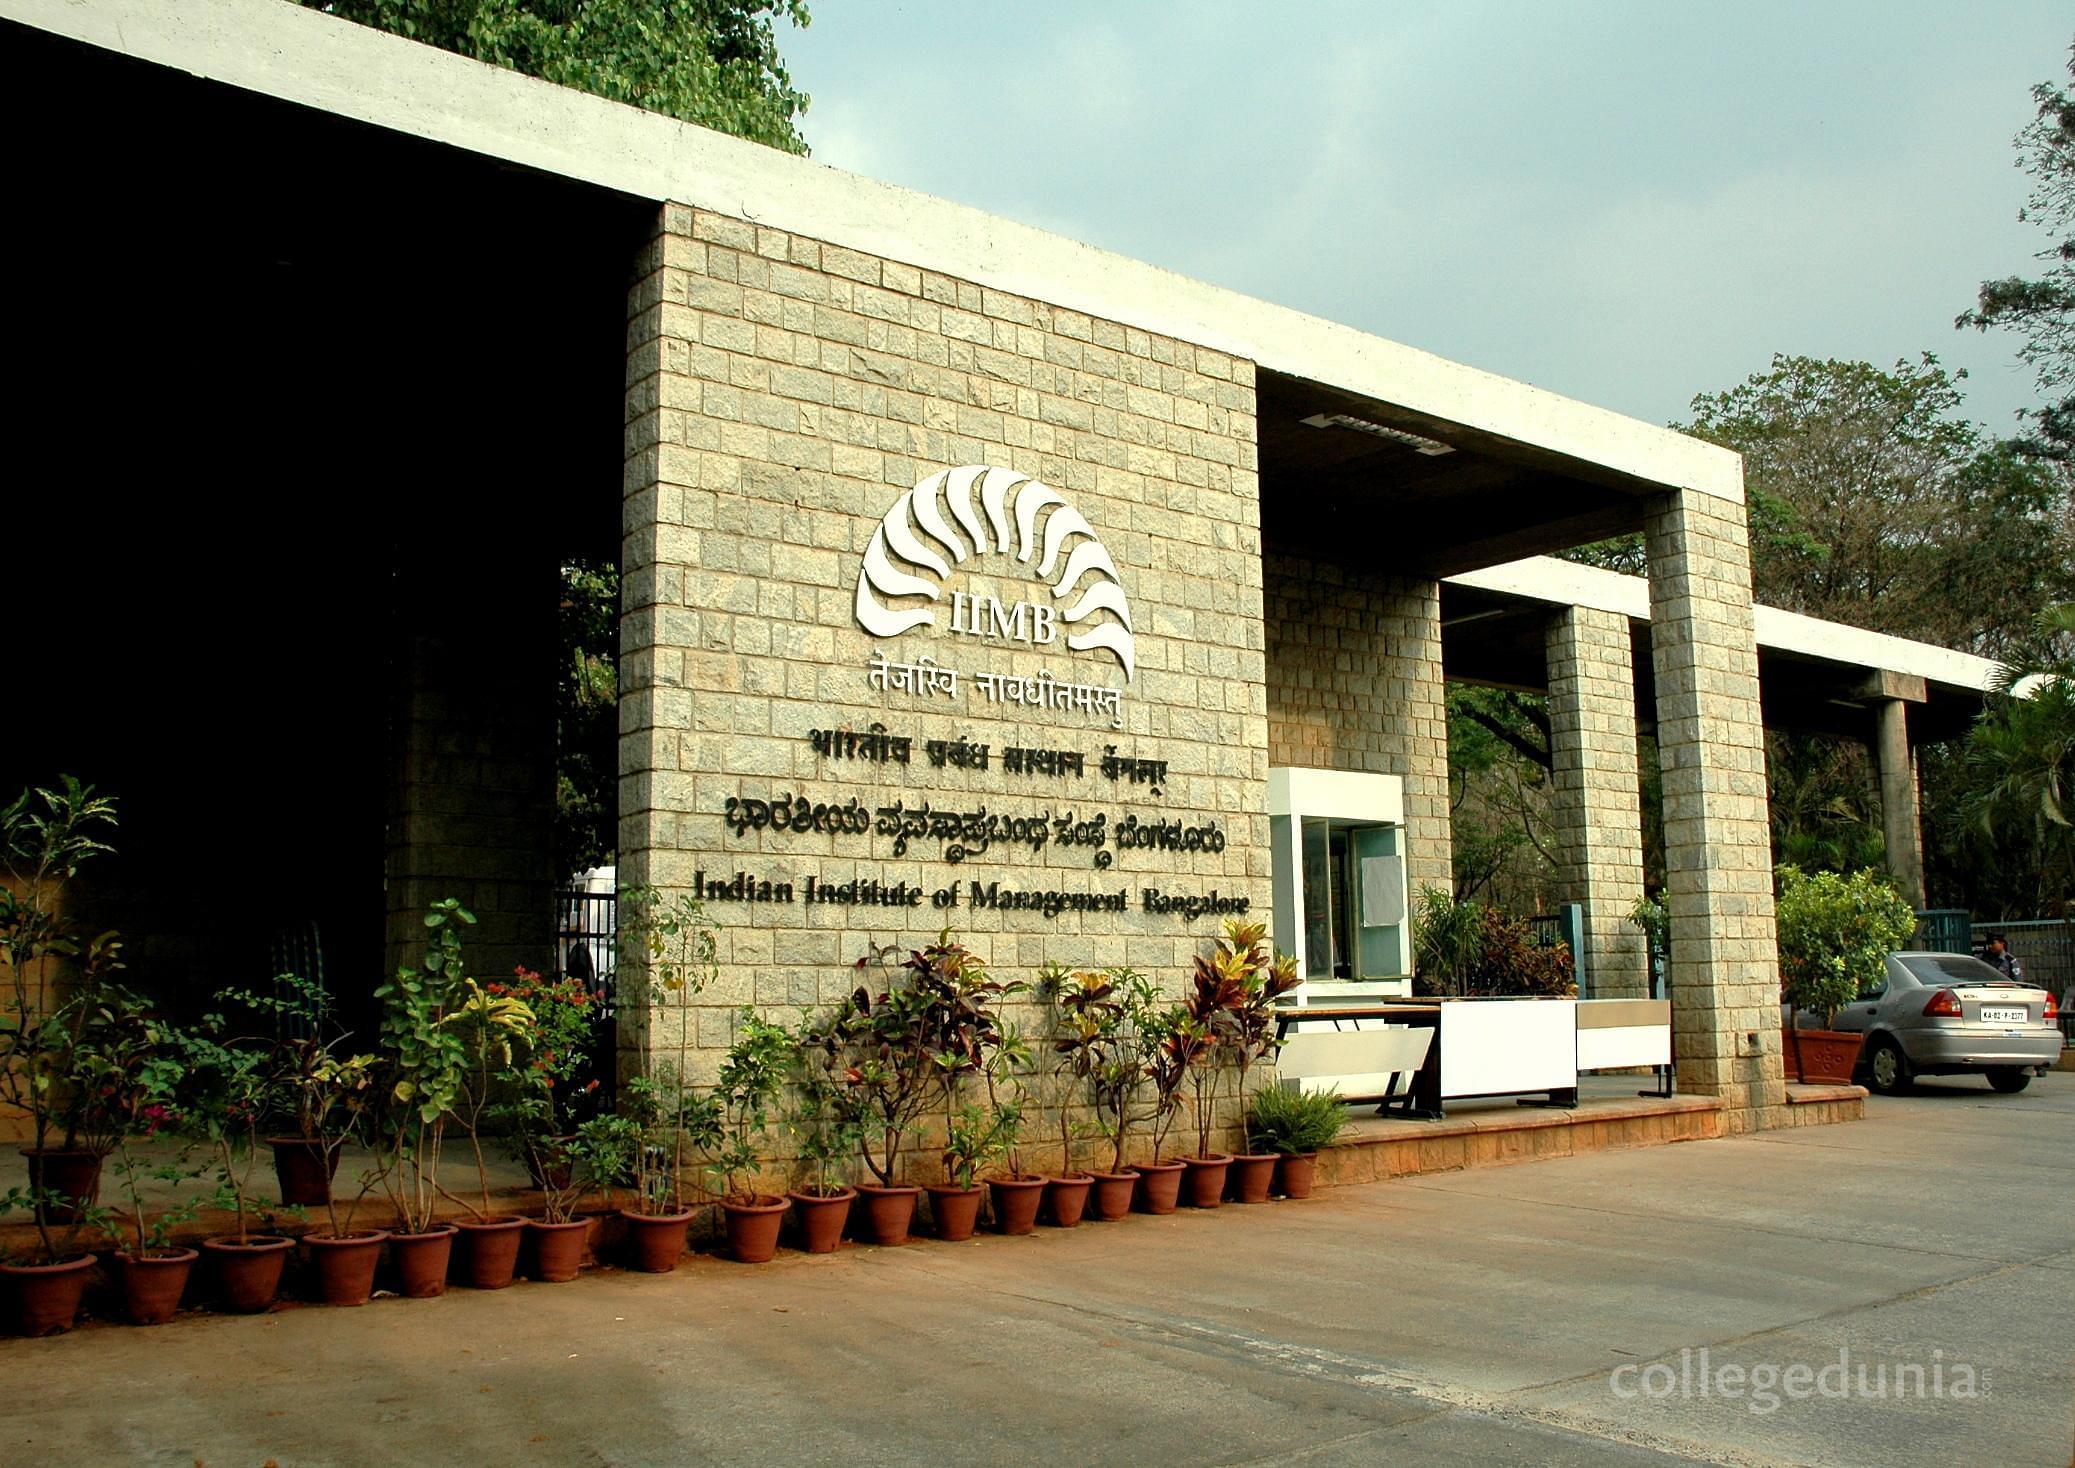 Indian Institute of Management - [IIMB]